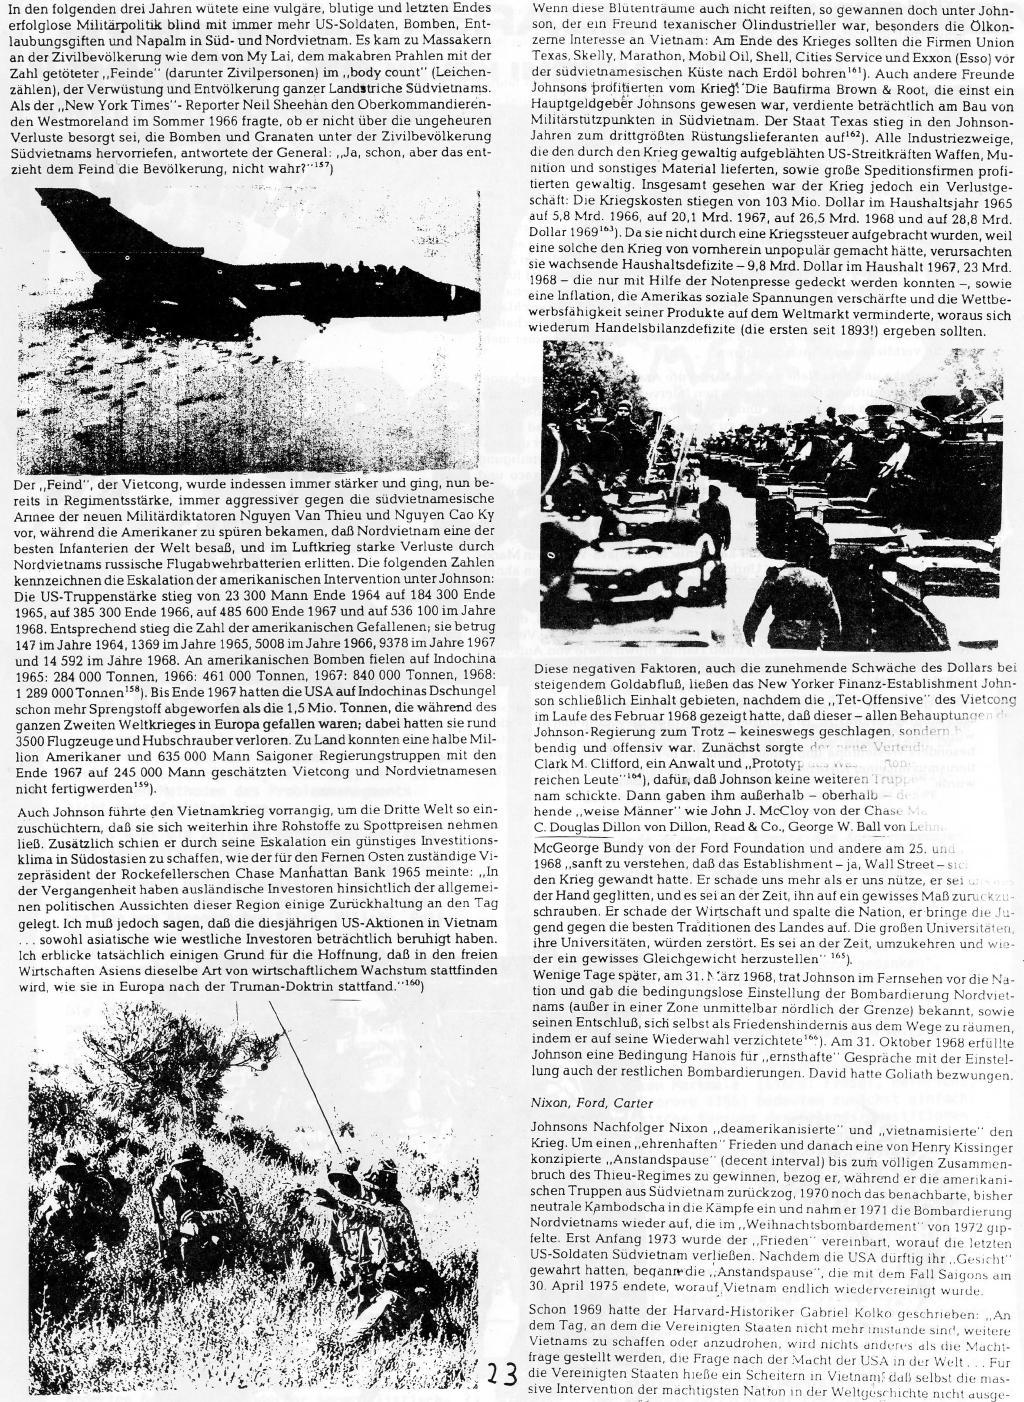 Bremen_1980_NATO_Broschuere_23